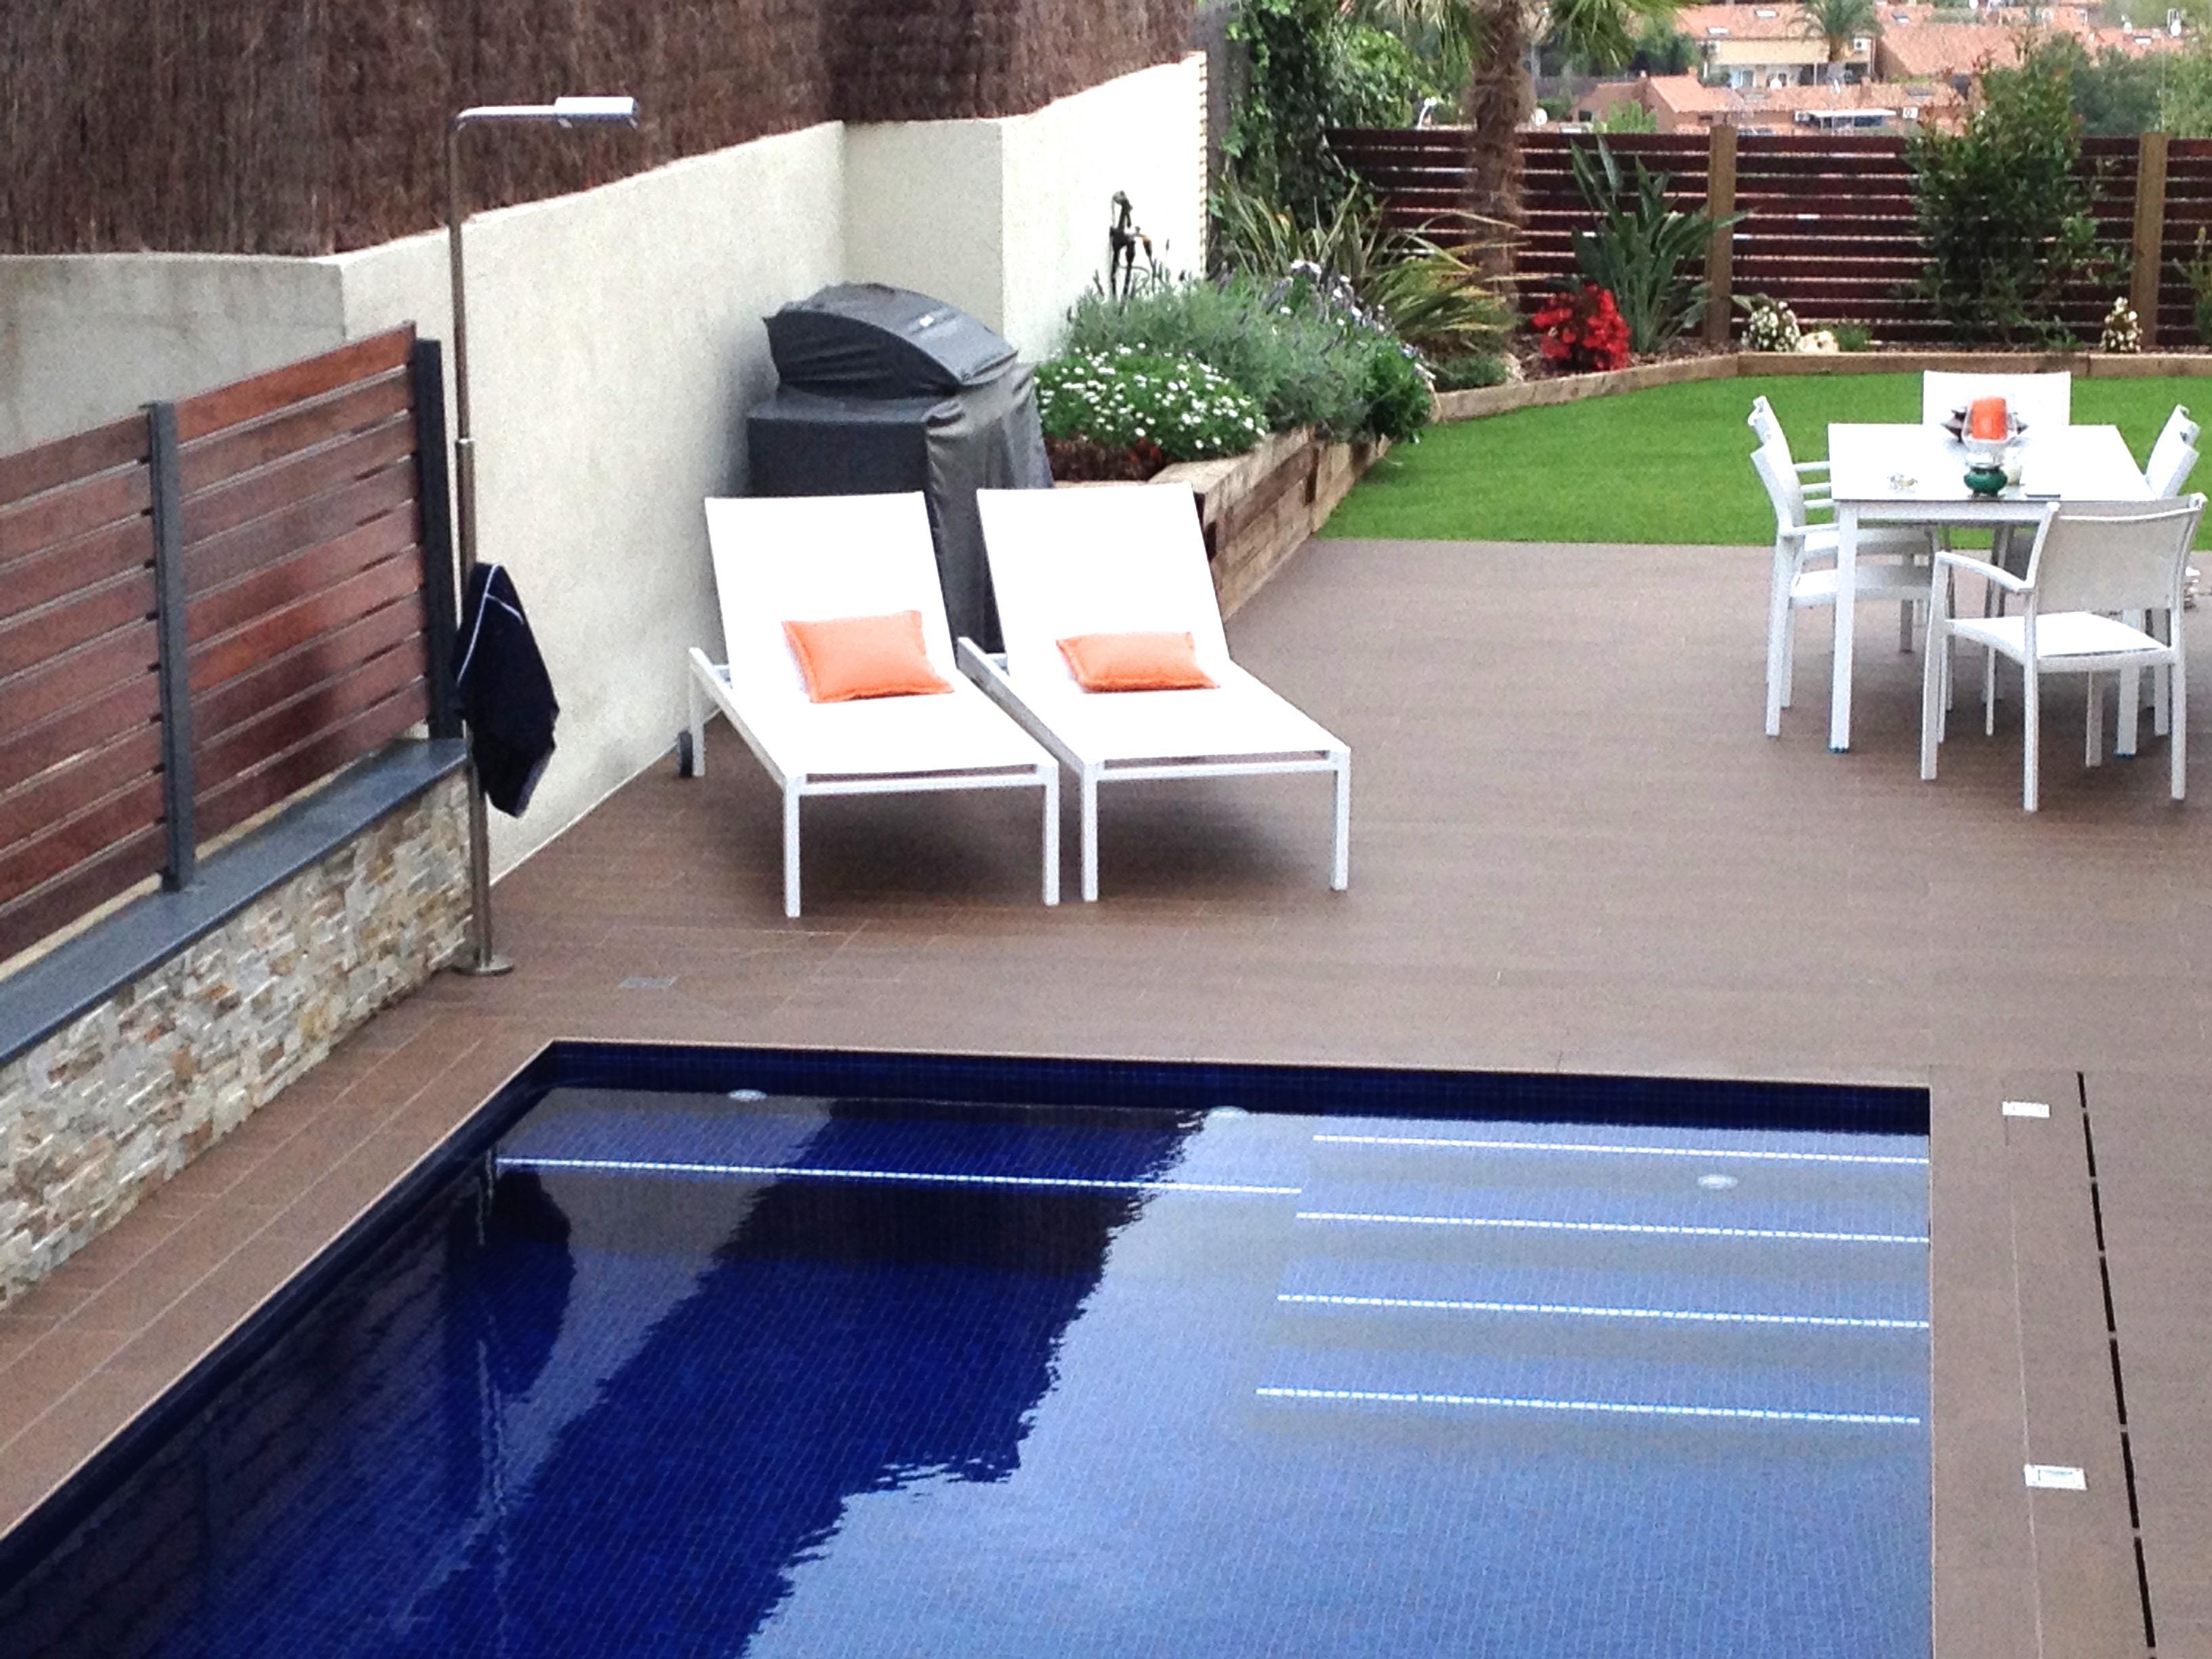 Noticias de construcci n de piscinas piscinas aop part 5 - Piscinas pequenas de obra ...